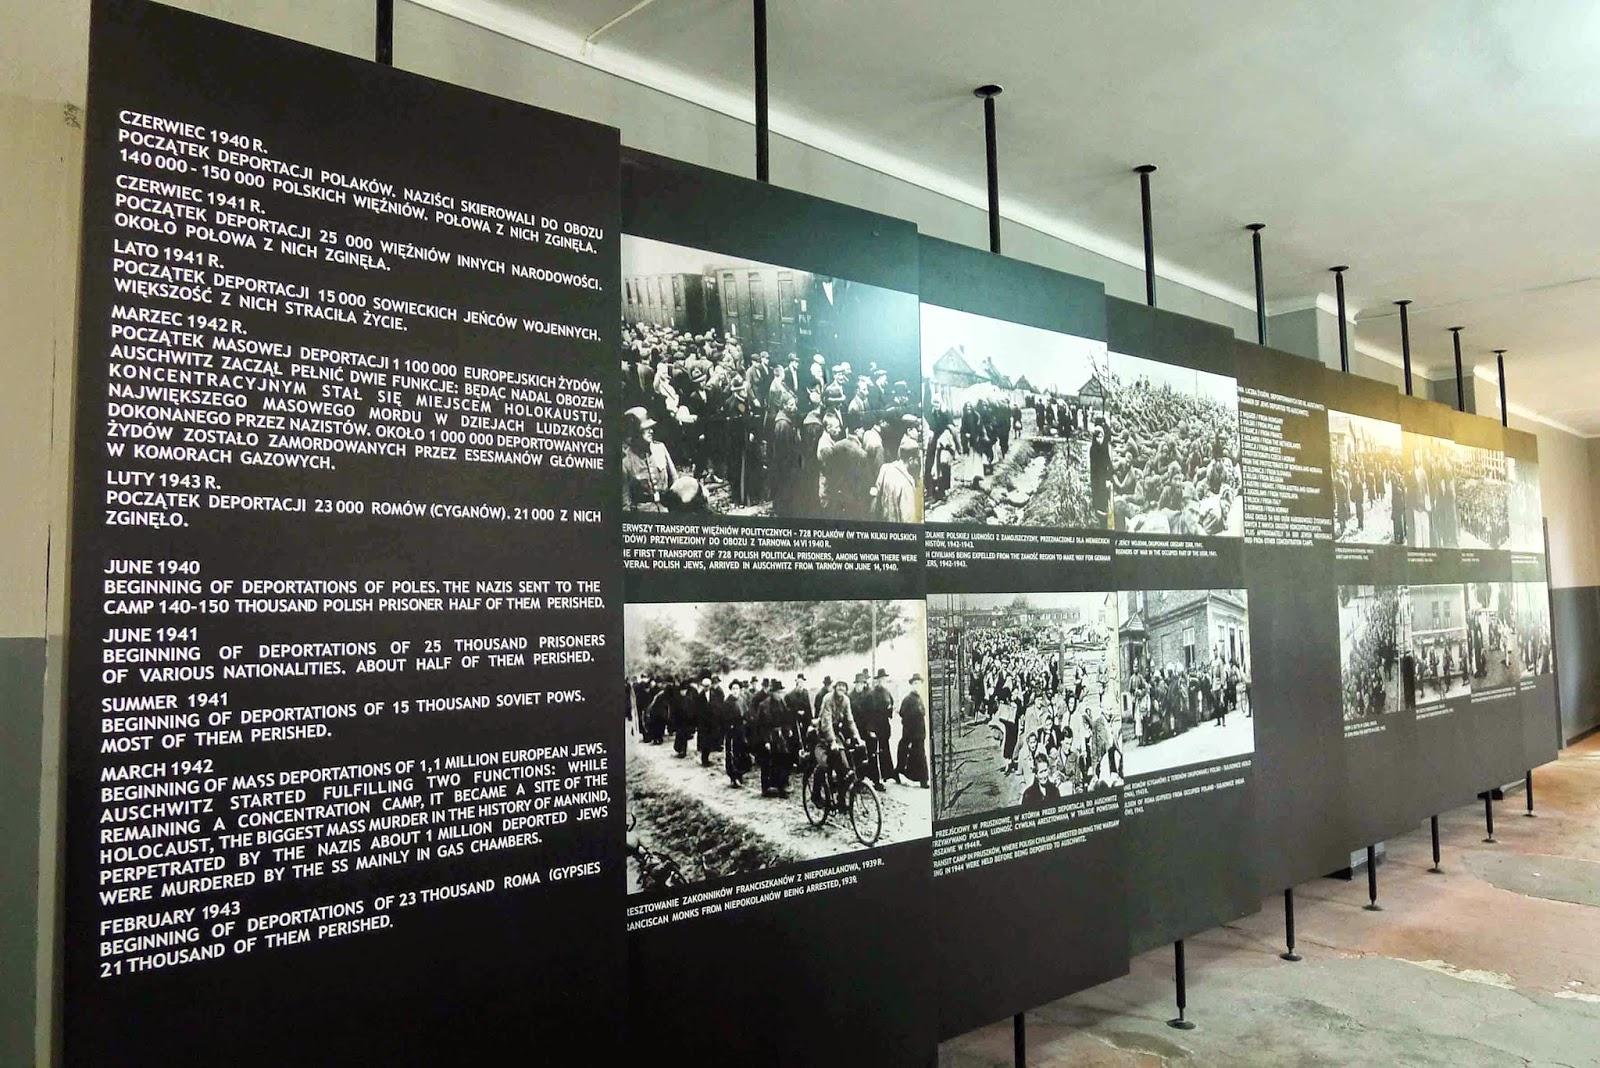 History of Auschwitz